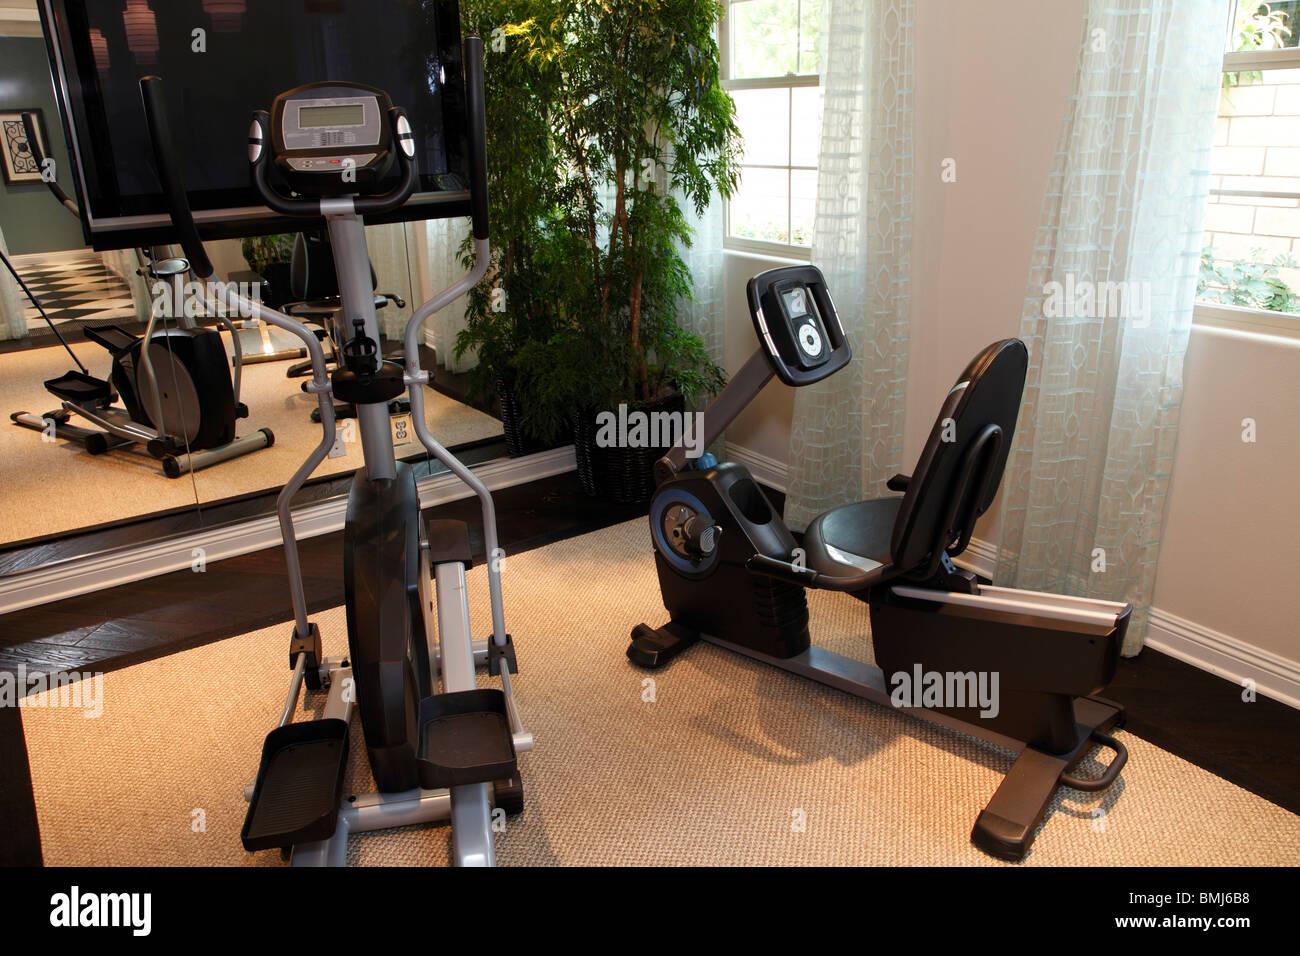 Casa de lujo gimnasio con moderno equipamiento de ejercicio. Imagen De Stock